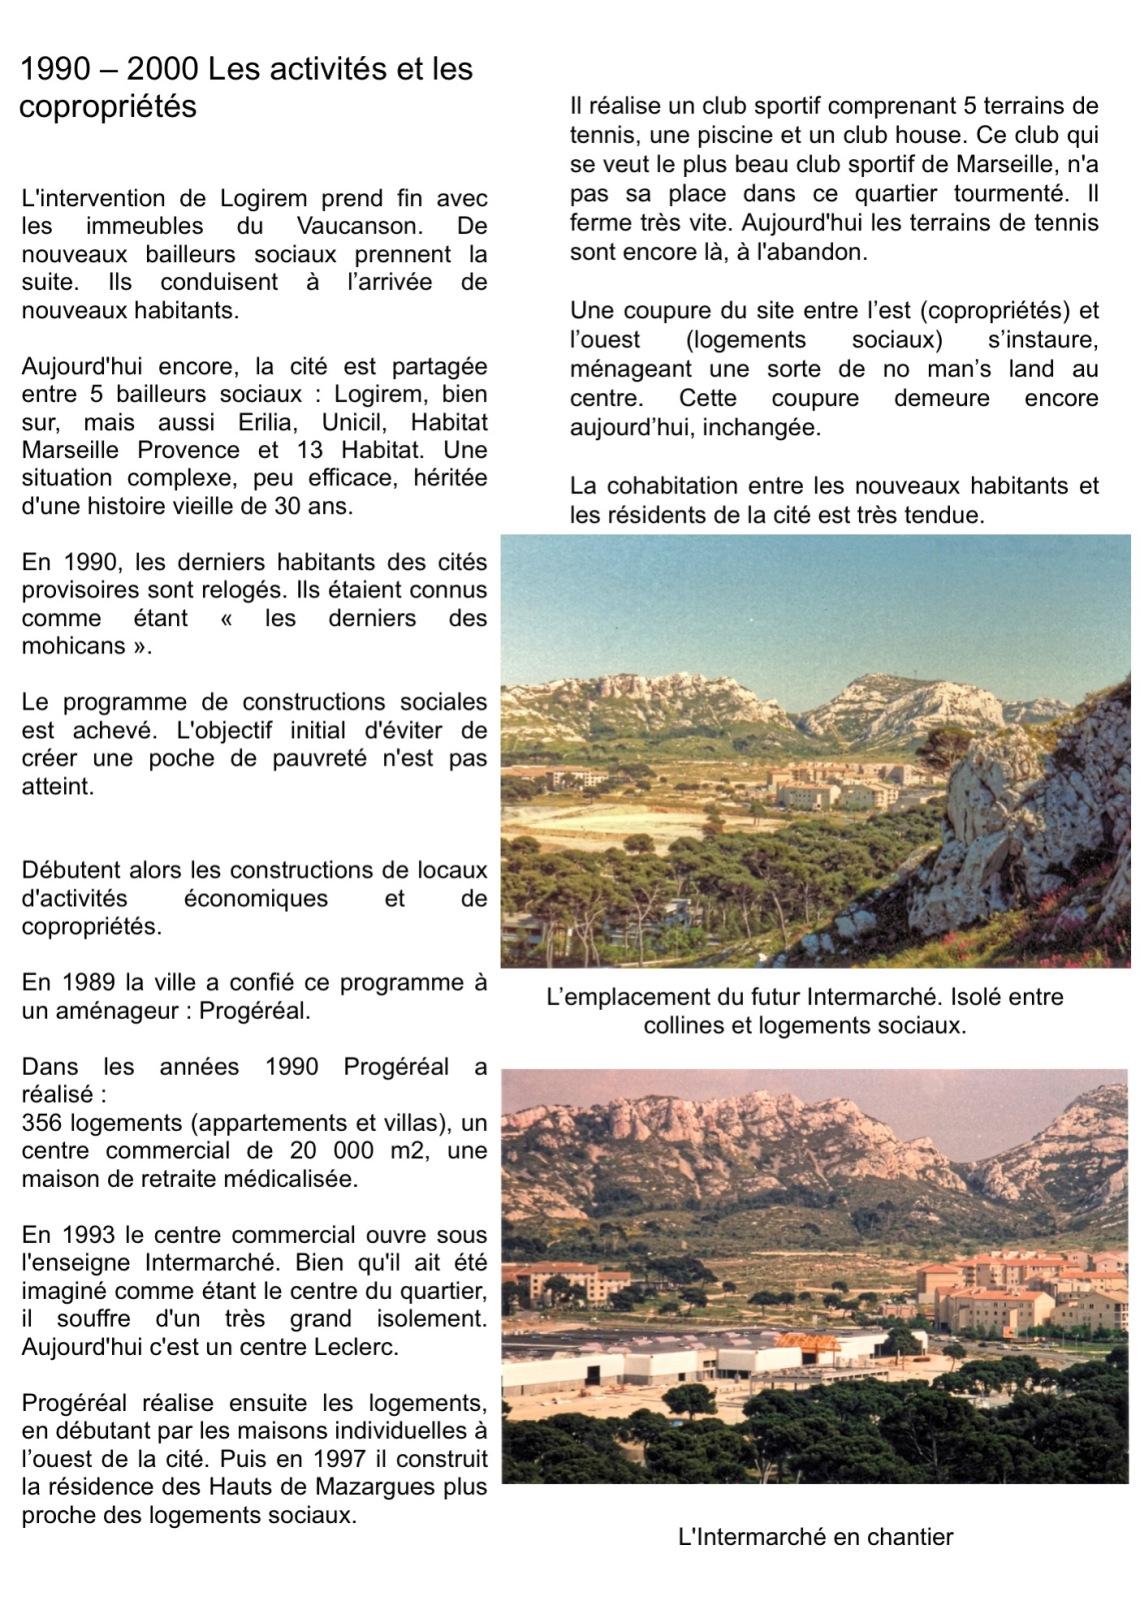 23 Les résidences.jpg